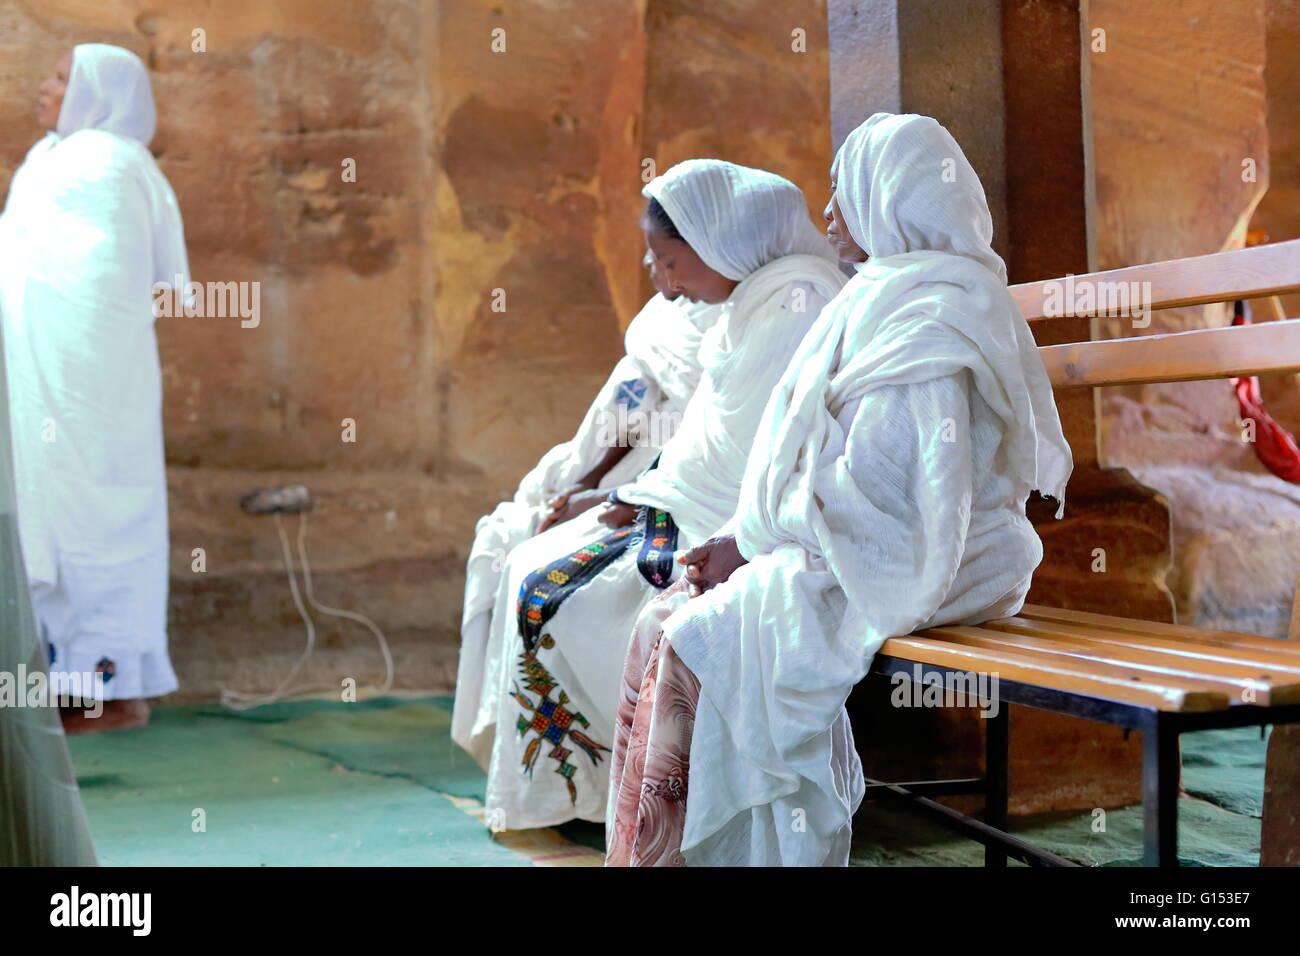 WUKRO, ETHIOPIA-MARCH 29: Orthodox christian devotees attend